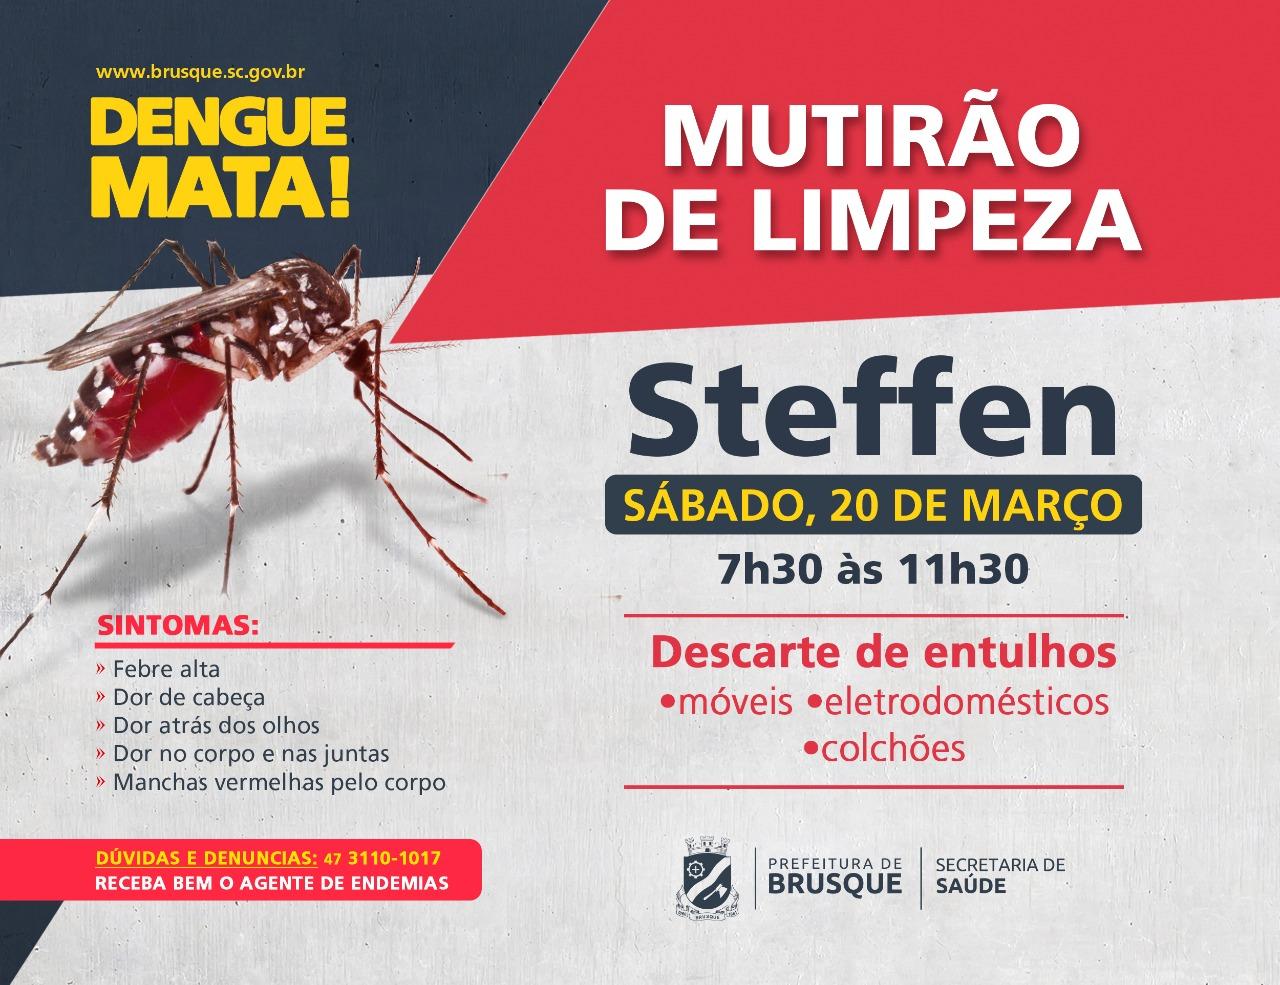 Combate a Endemias realiza mutirão de limpeza no bairro Steffen